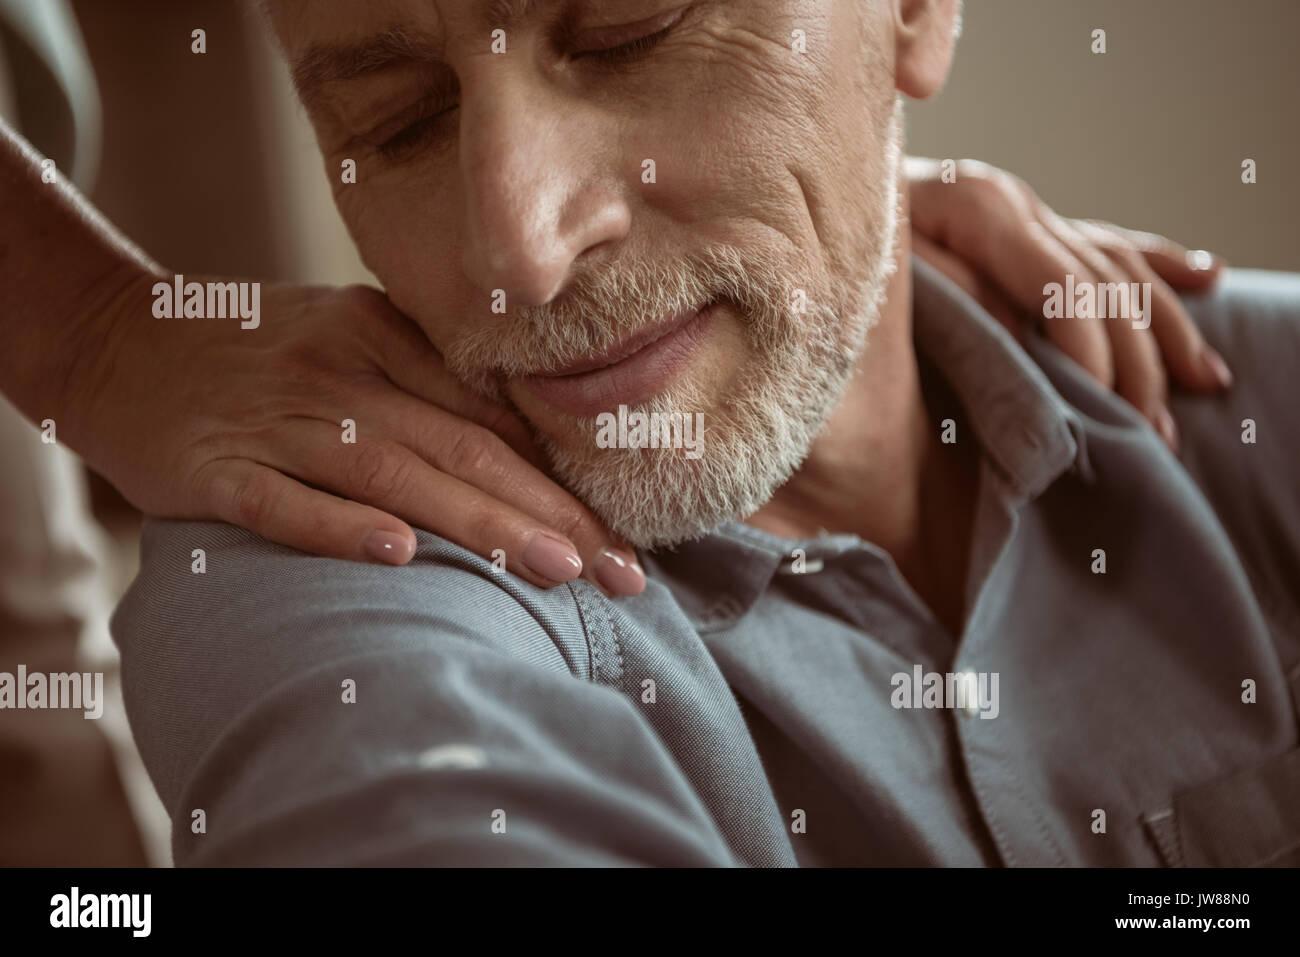 Tendre épouse mettre les mains sur les épaules de son mari aux yeux clos Photo Stock